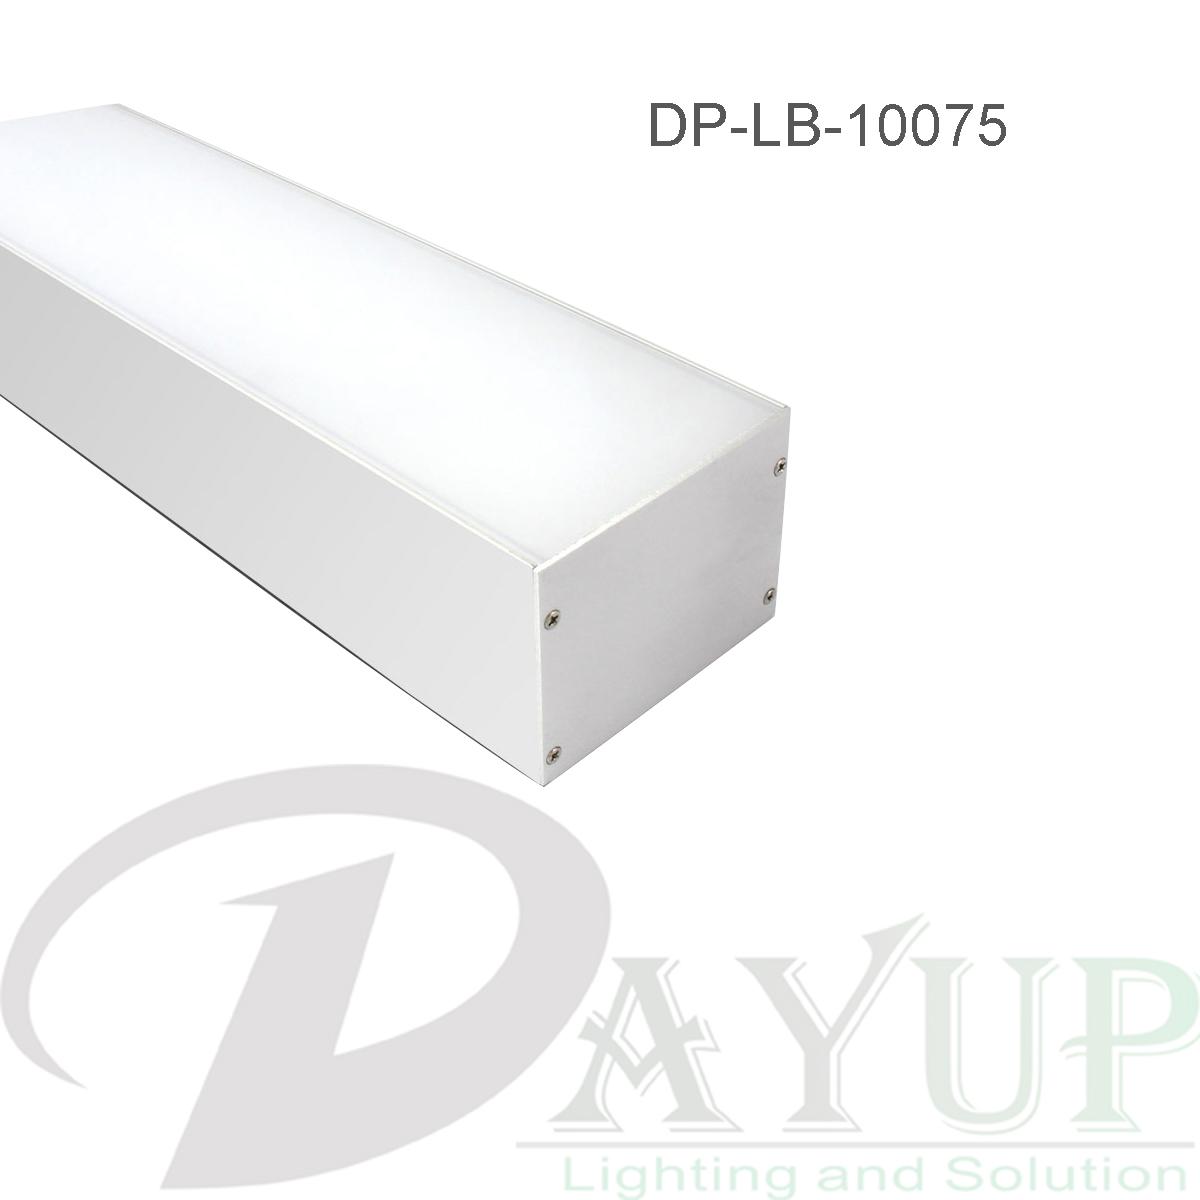 DP-LB-10075-LED-LINEAR-LIGHT